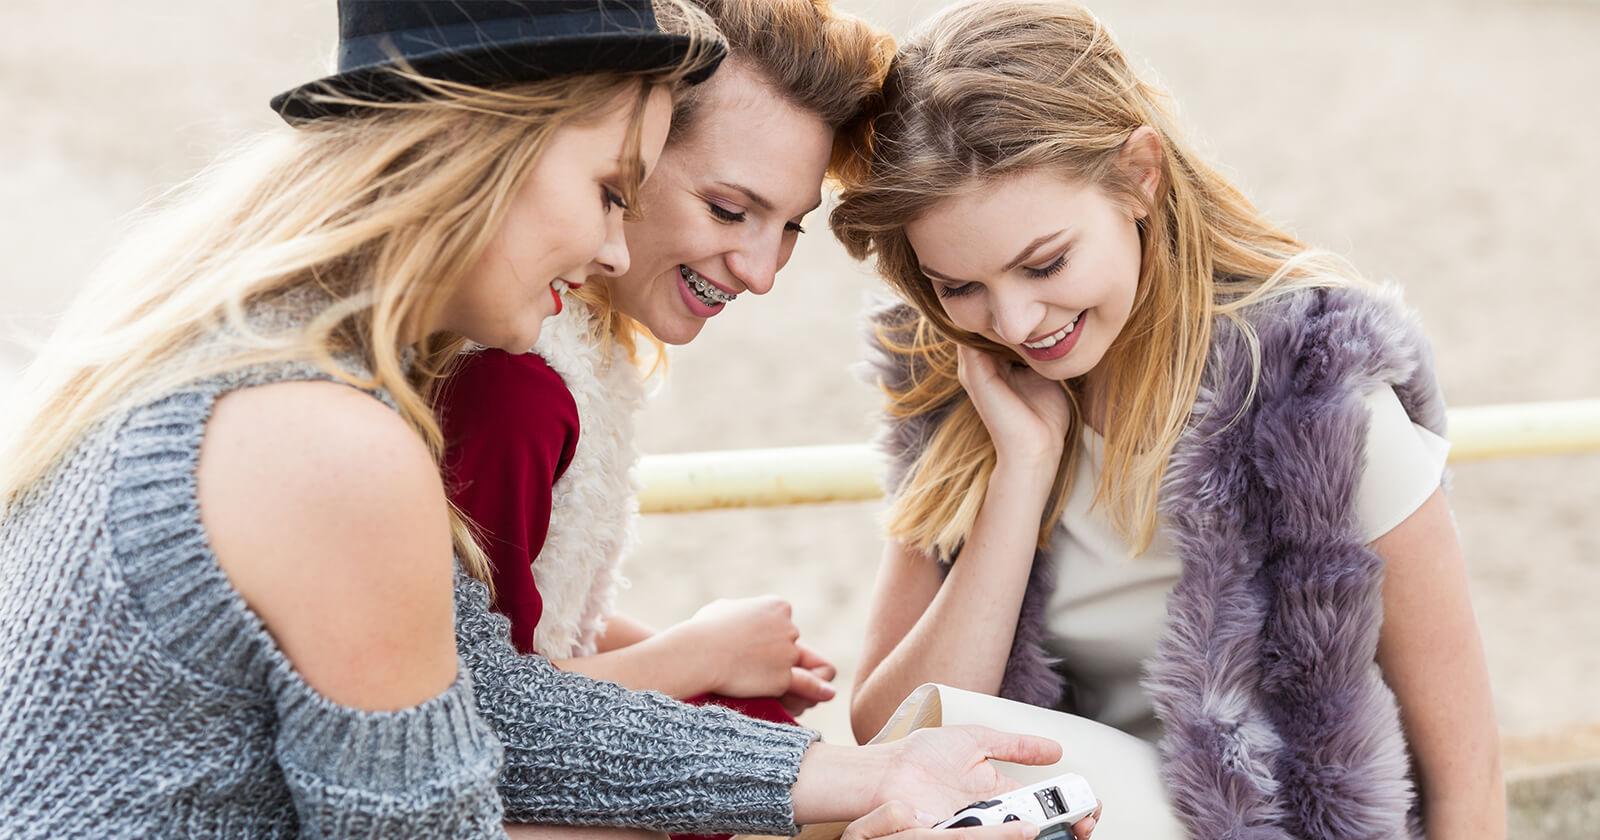 Frau zeigt Freundinnen Fotos auf ihrer Kamera und verkündet mit einem Ultraschallbild ihre Schwangerschaft.